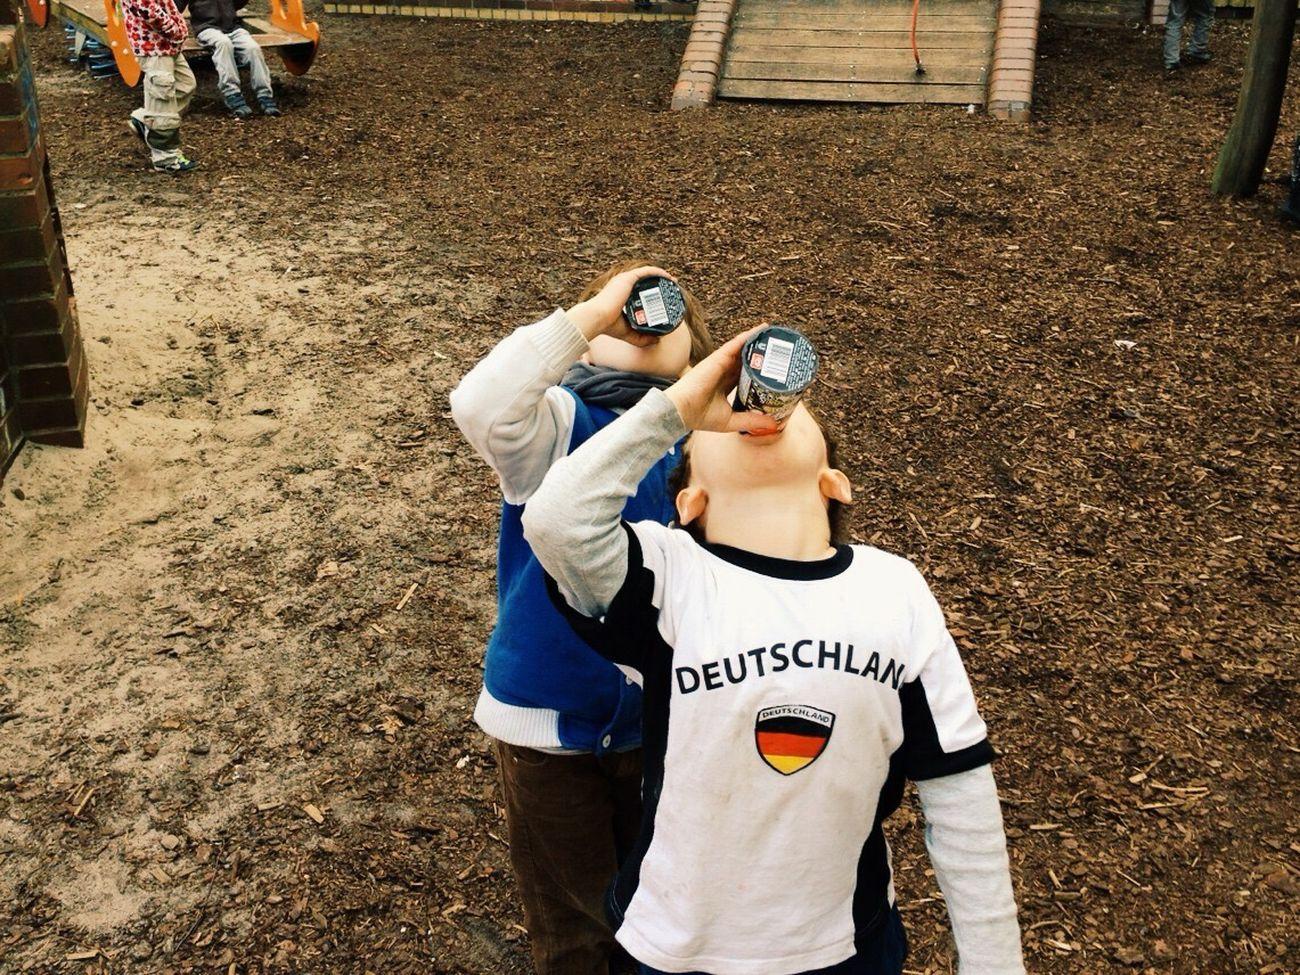 Berlin Playground Cheers Deutschland Kids Synchronized Ice Cream Icecream Drinking The Week On EyeEm